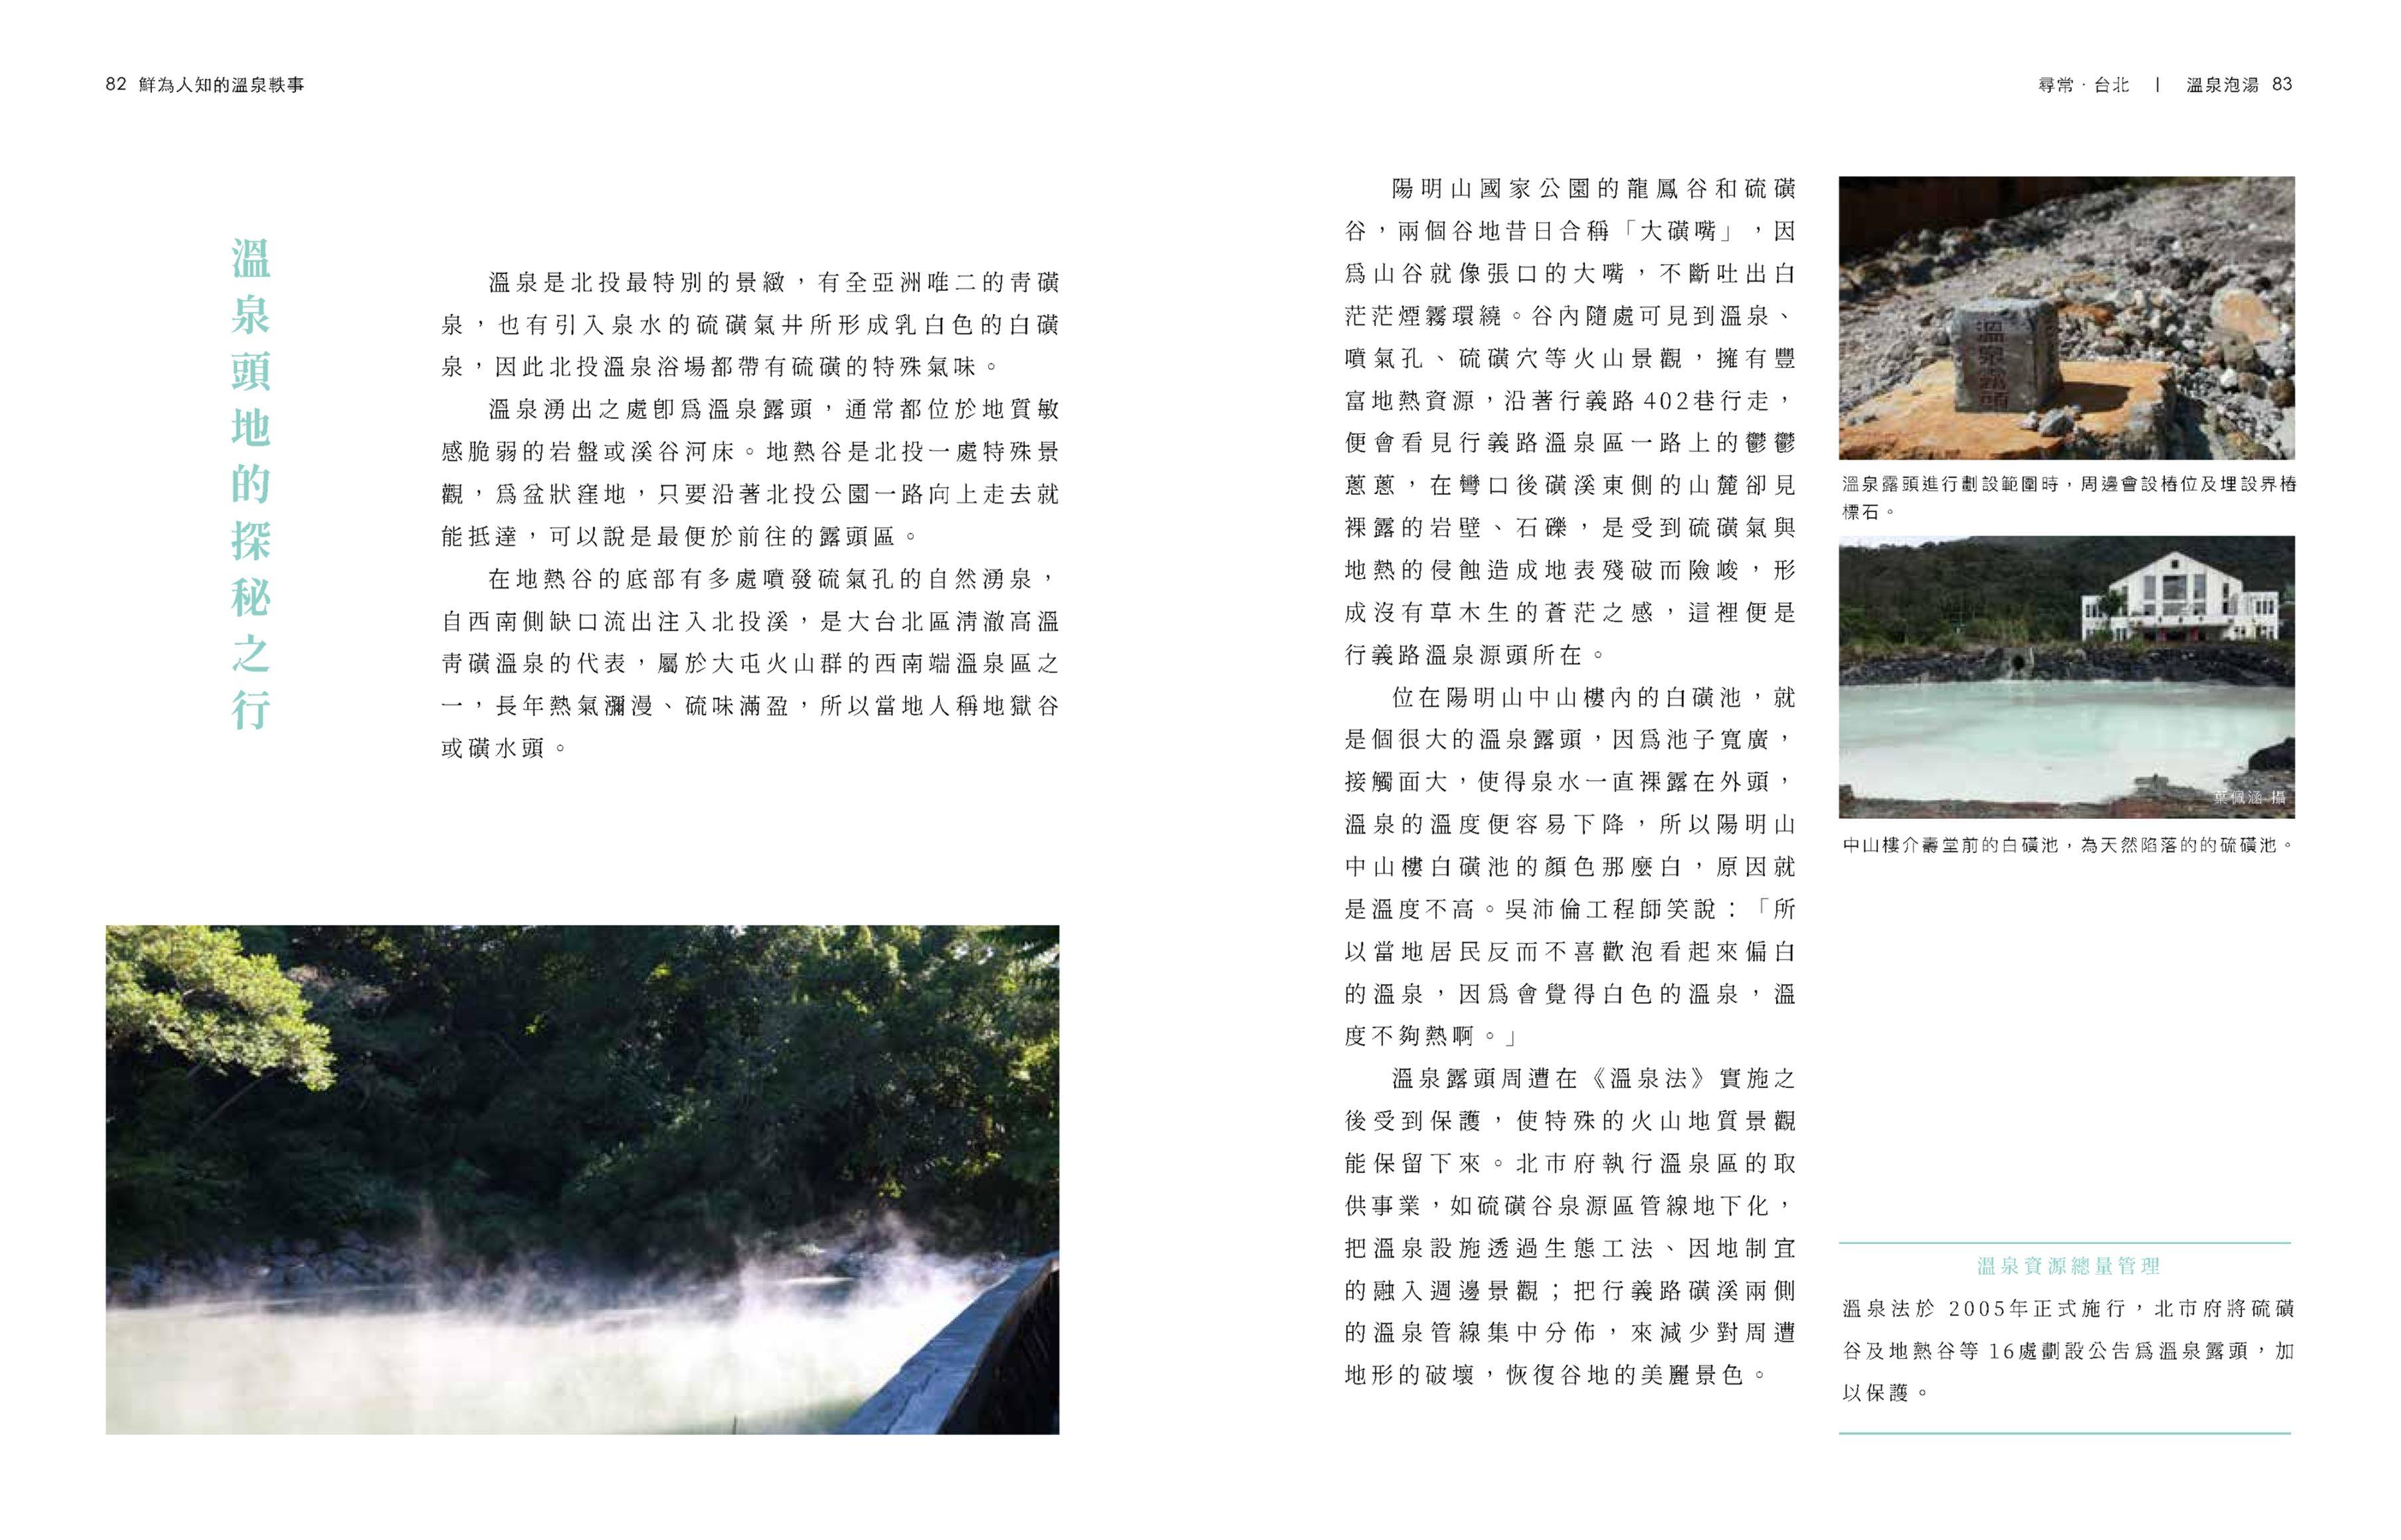 內頁縮圖5